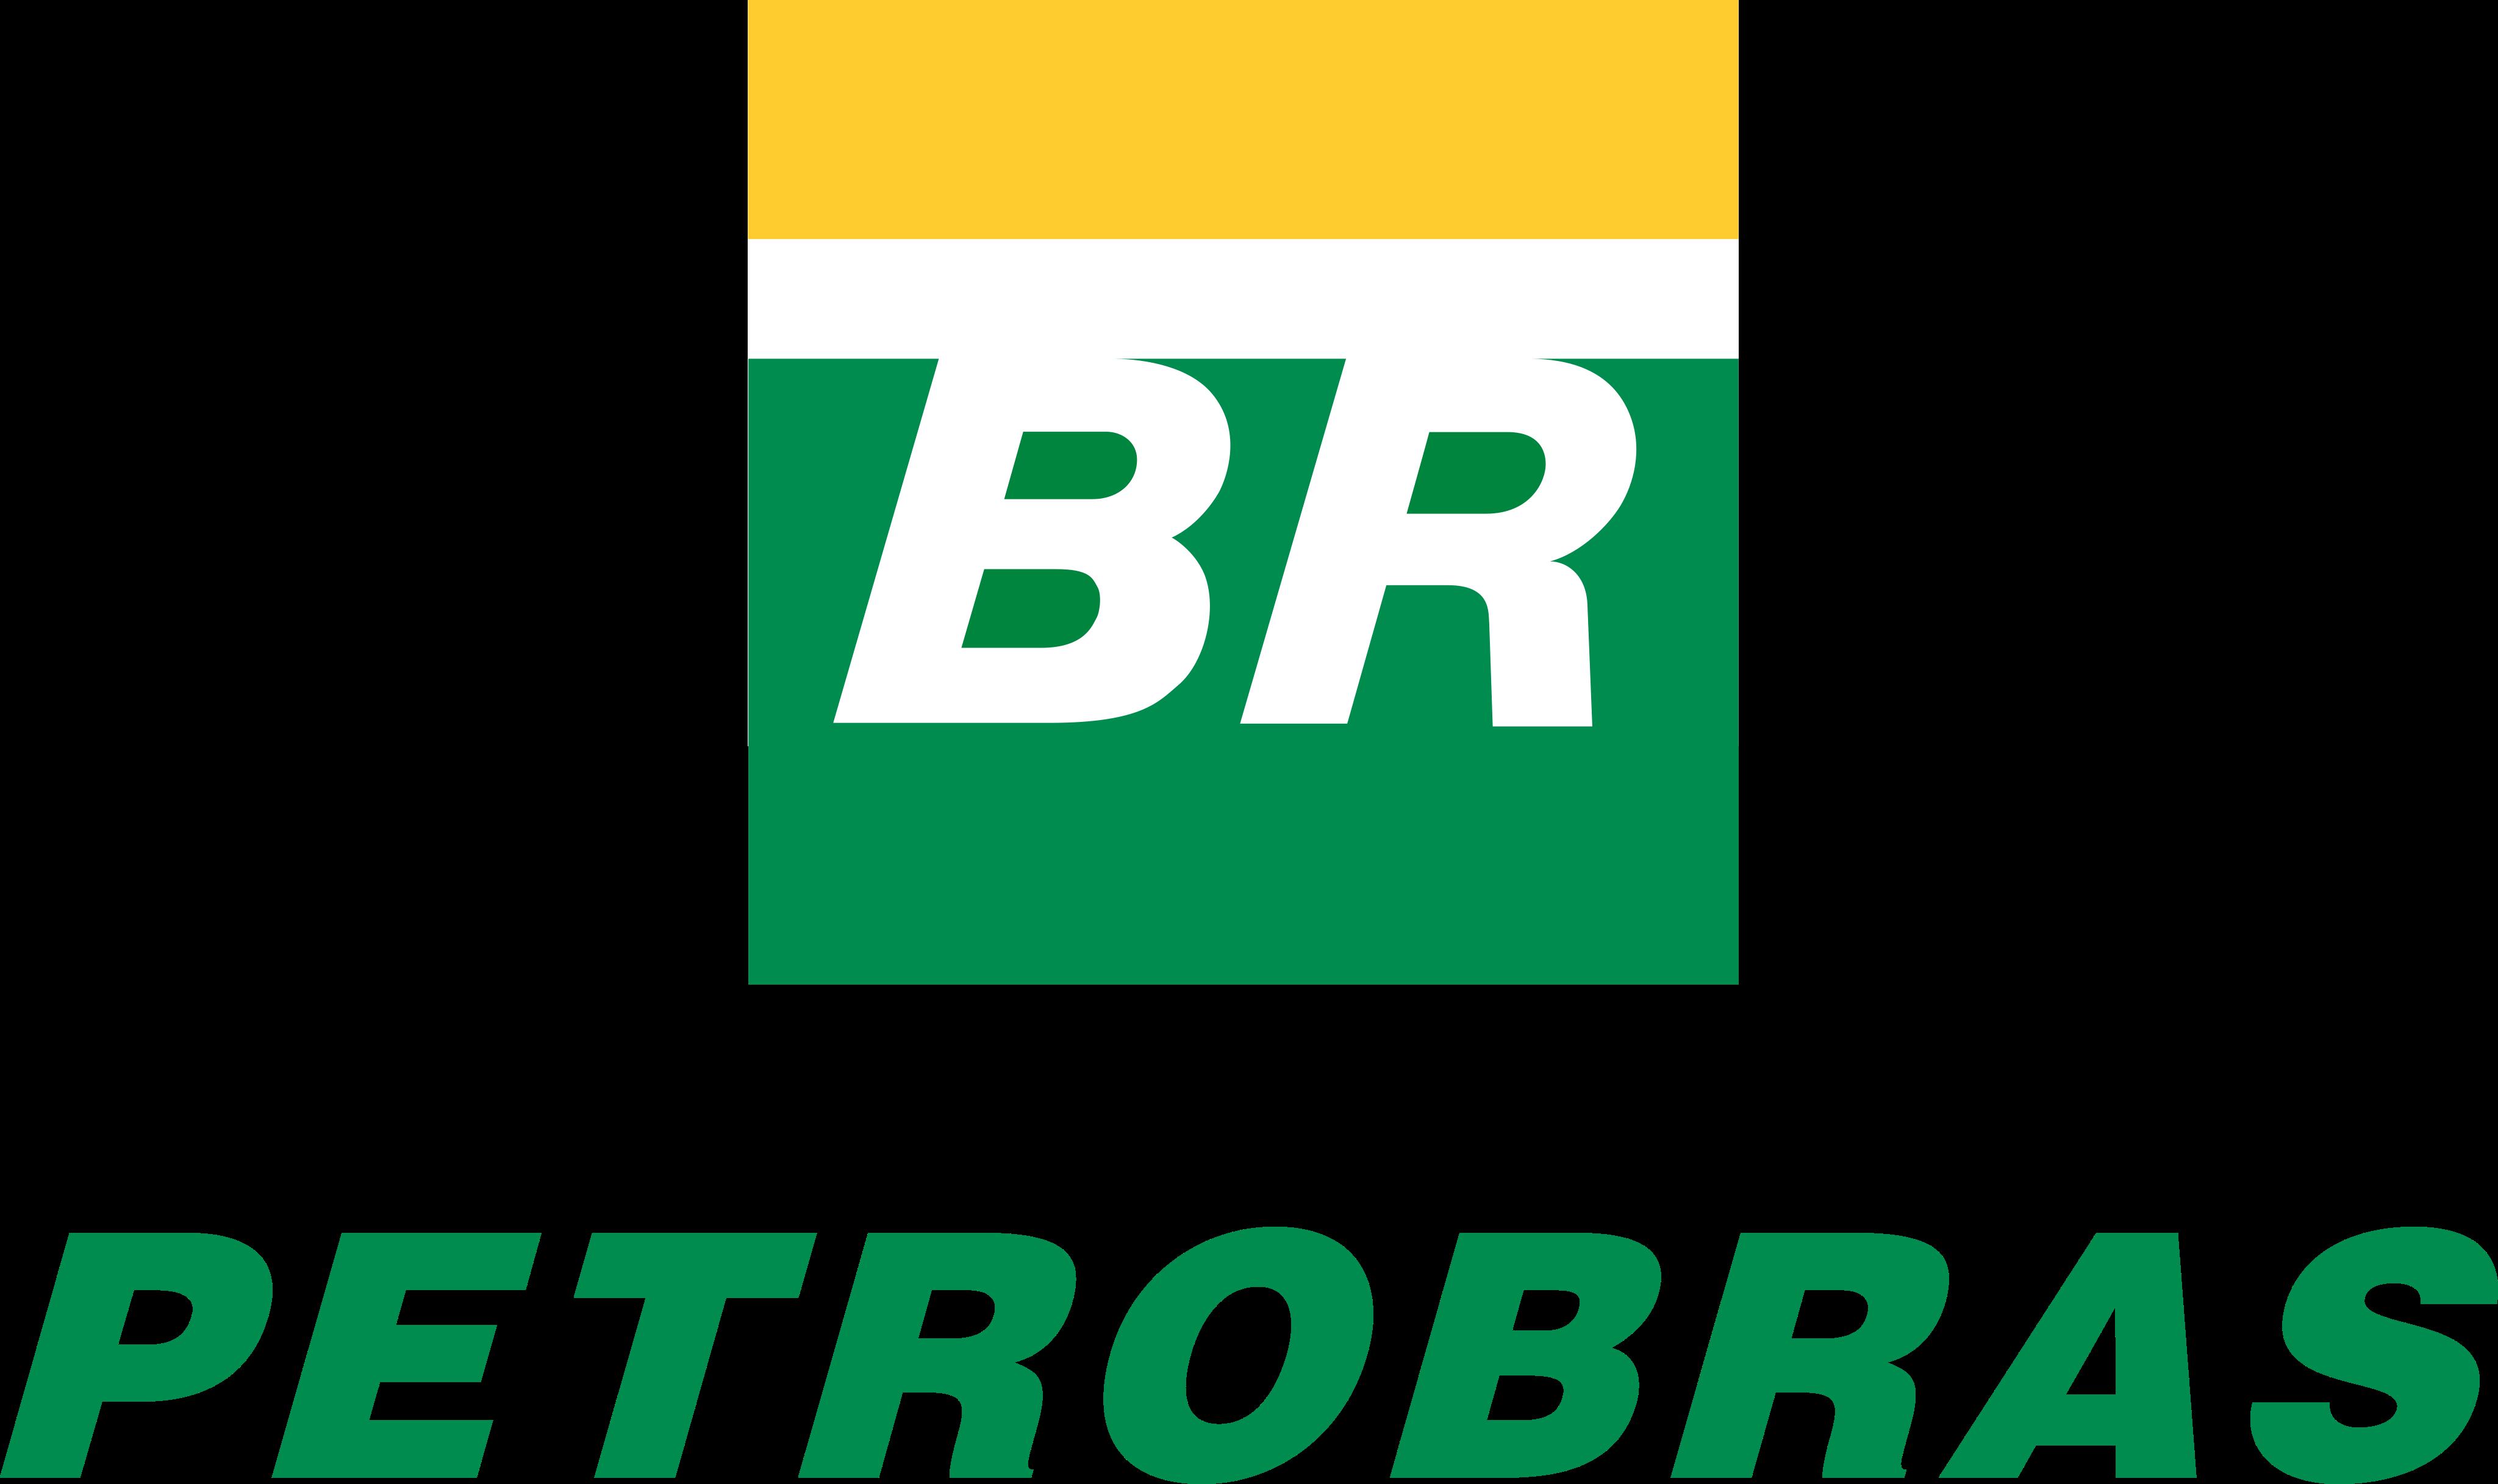 petrobras logo 1 2 - Petrobras Logo